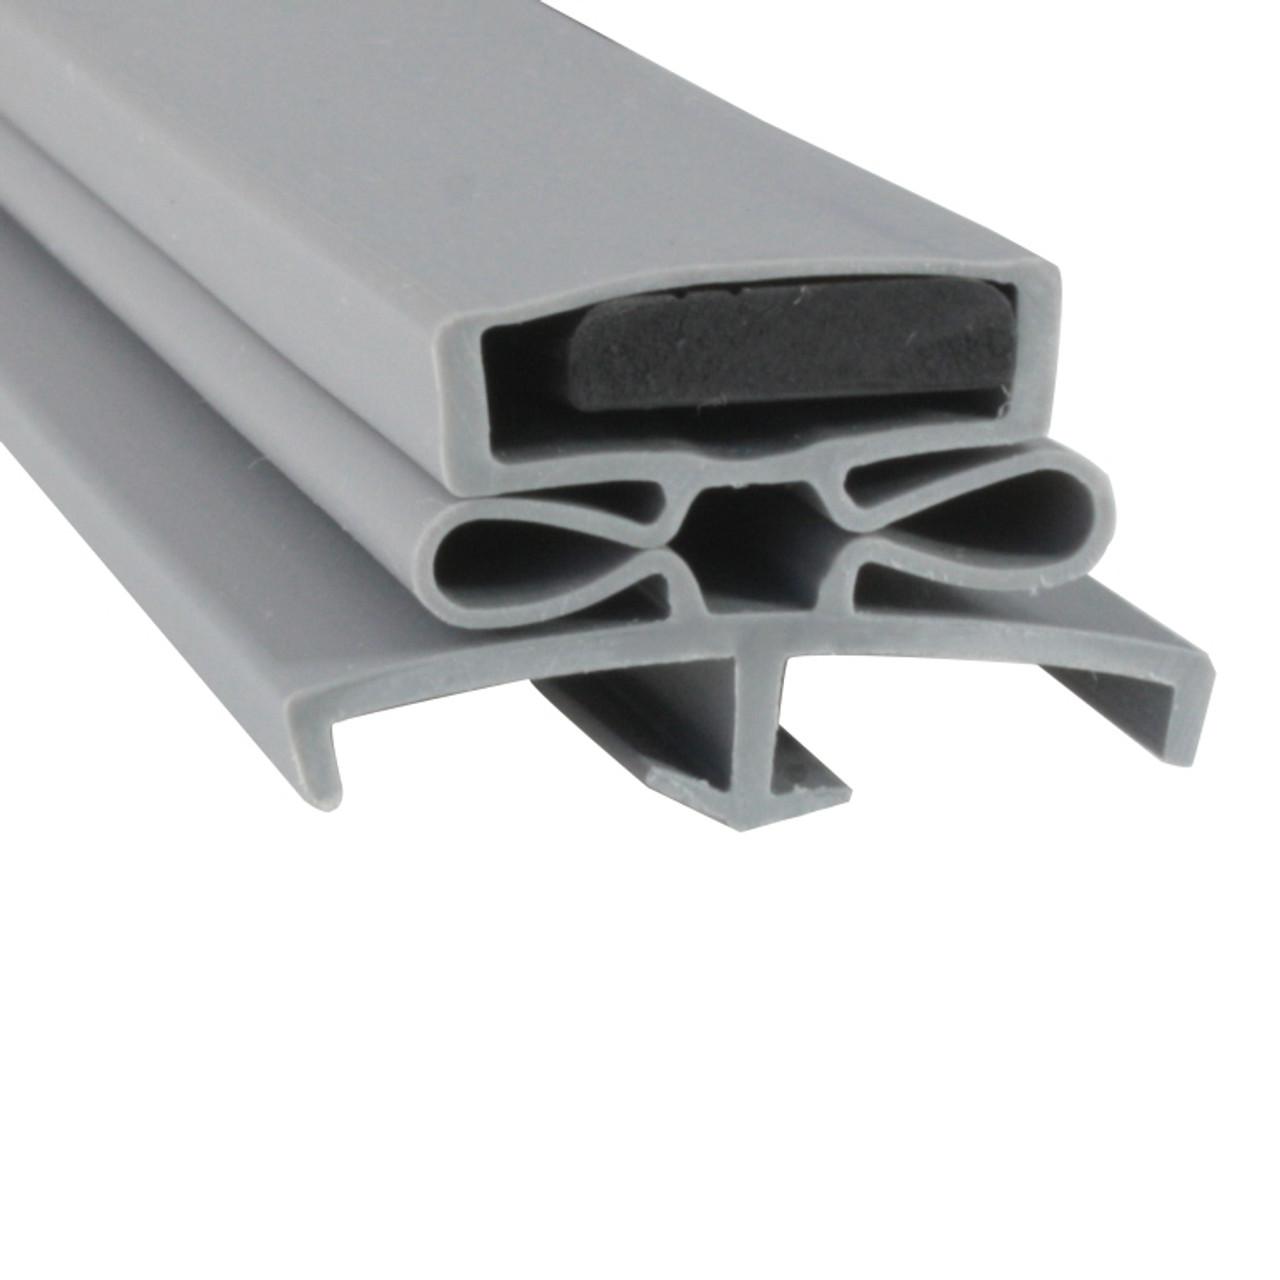 Glenco Door Gasket Profile 166 15 1/4 x 26 3/4 -1